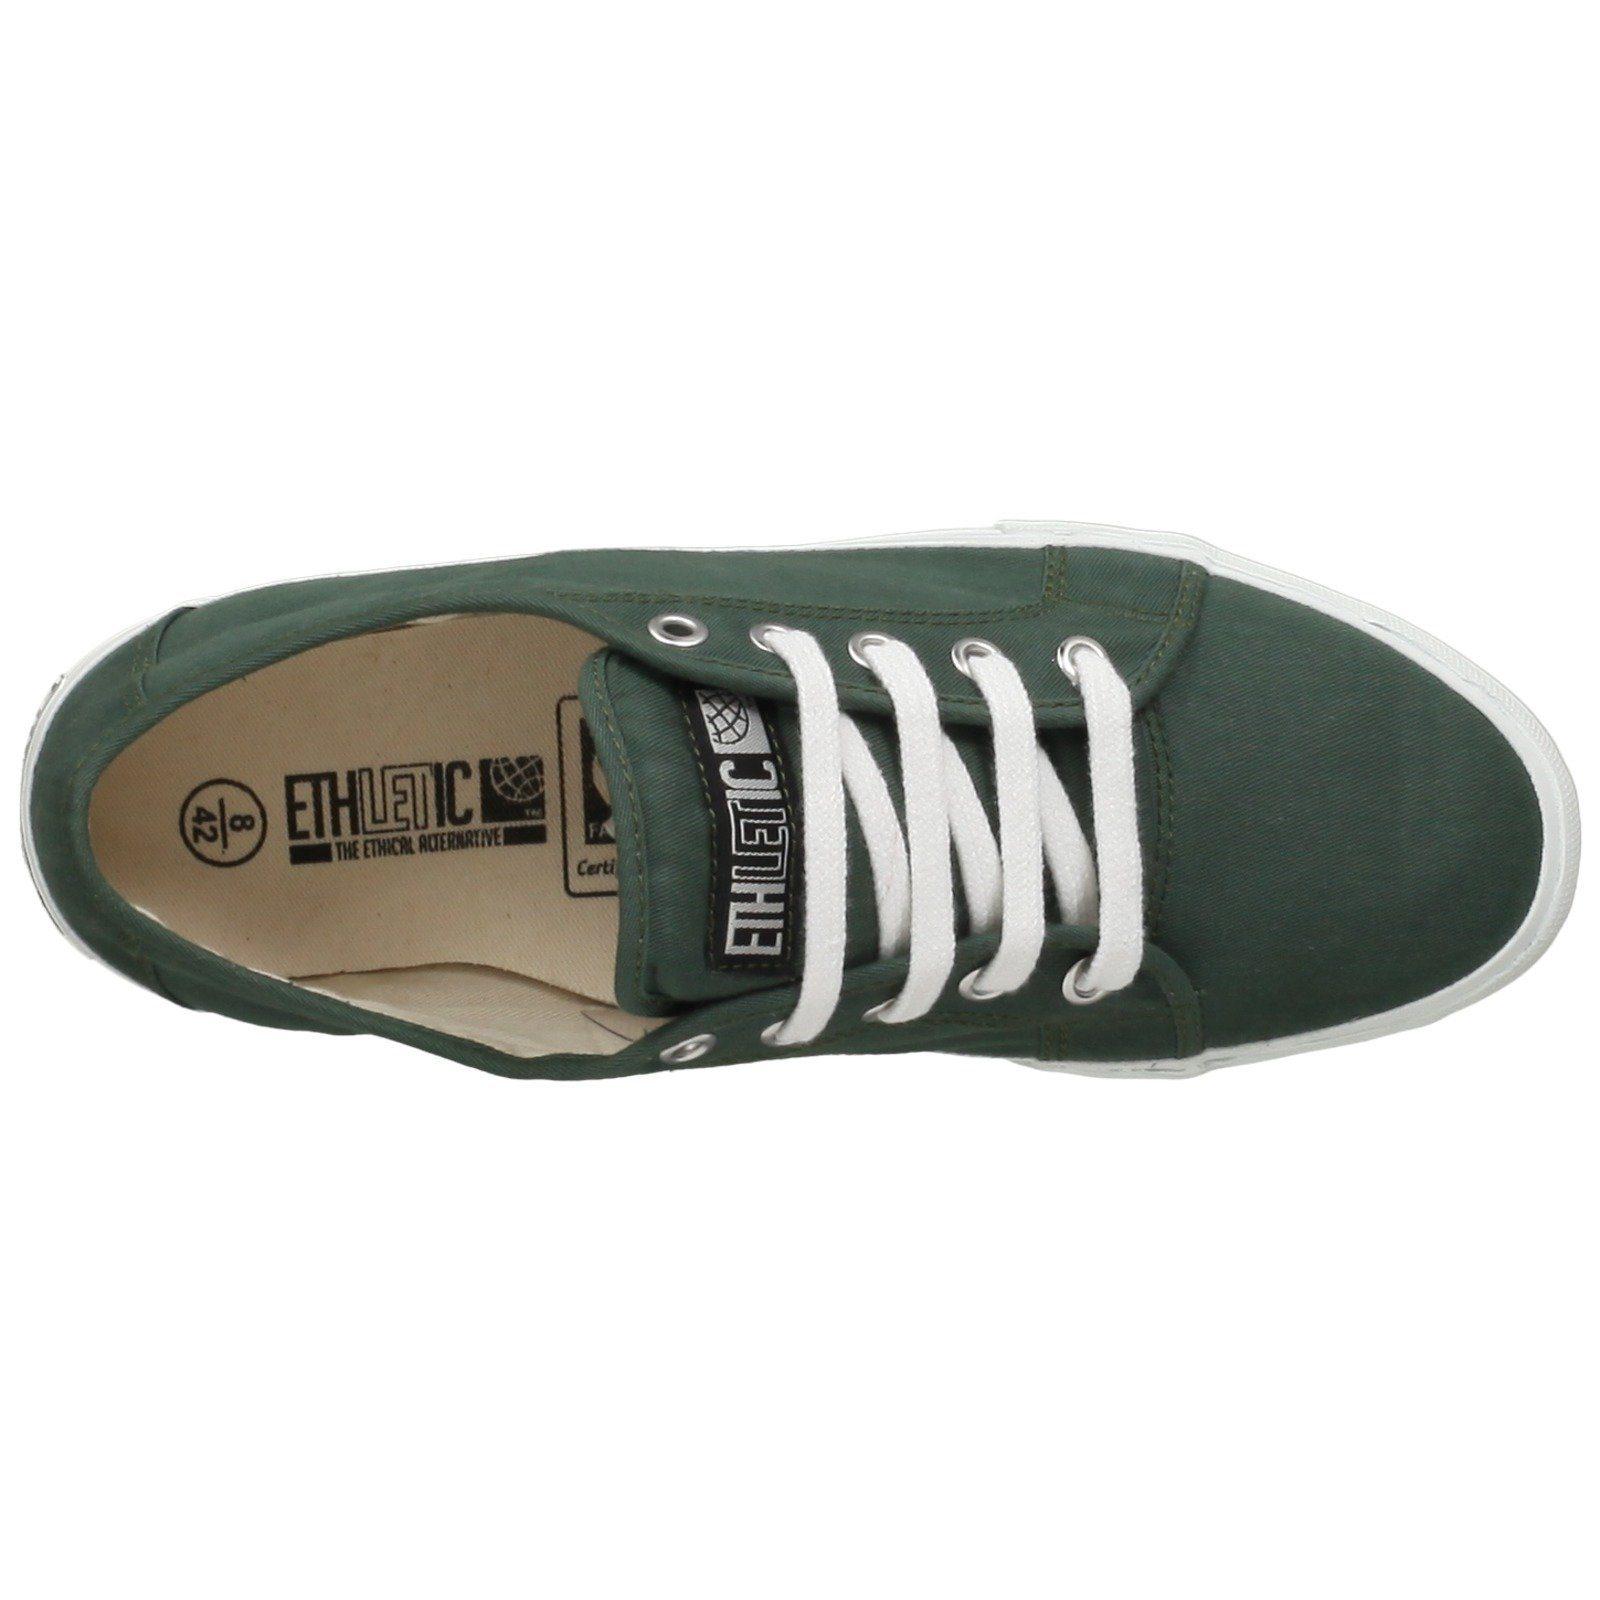 ETHLETIC Sneaker aus nachhaltiger Produktion Classic online kaufen  Reseda Green